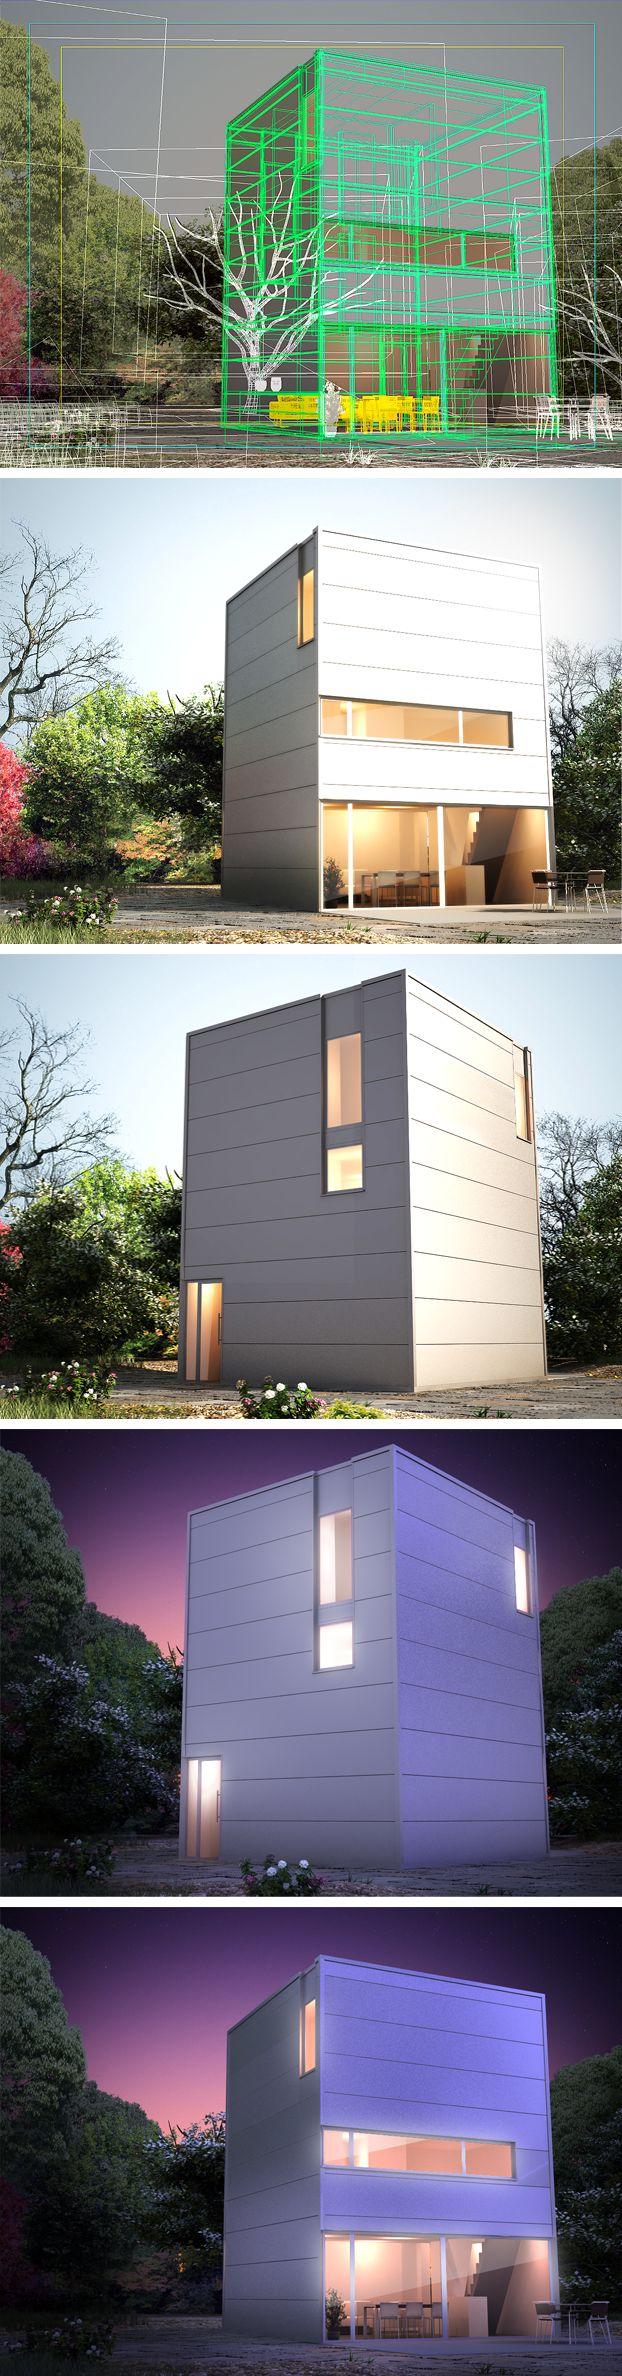 Illustration 3D: Tour métallique à faible consommation énergétique (Architecture)